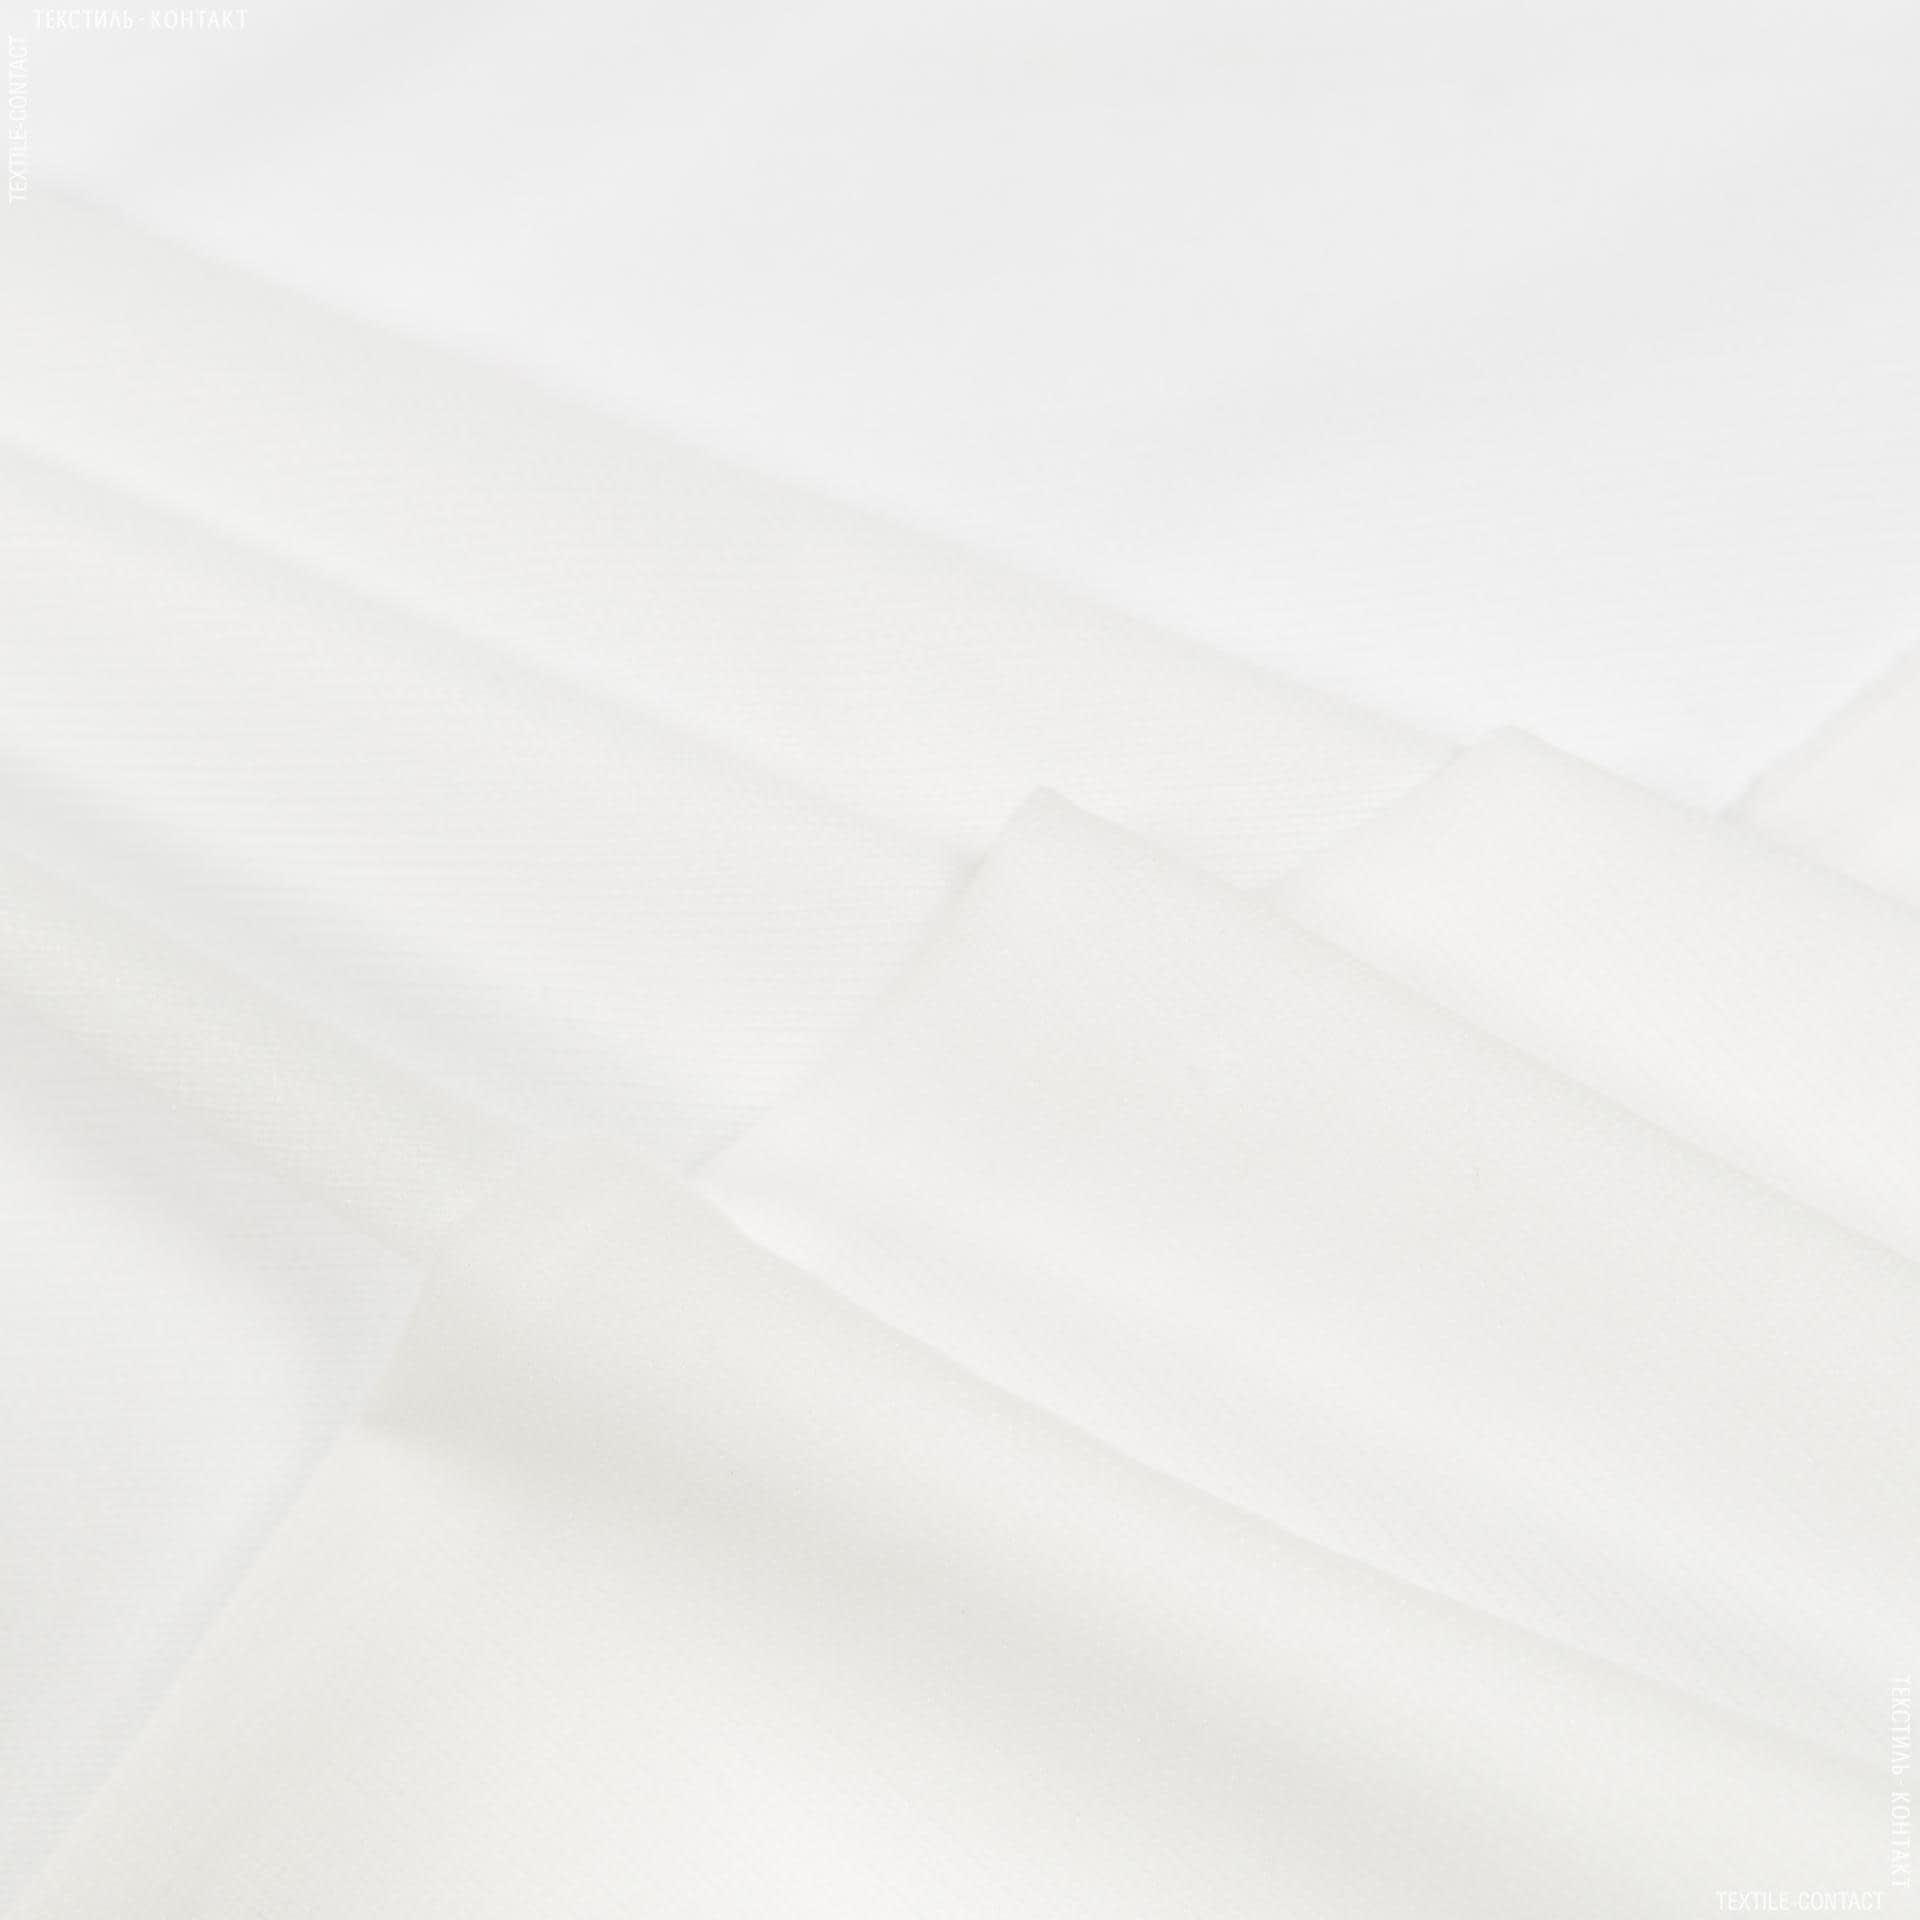 Тканини дублірин, флізелін - Дублірин еласт. білий 75г/м